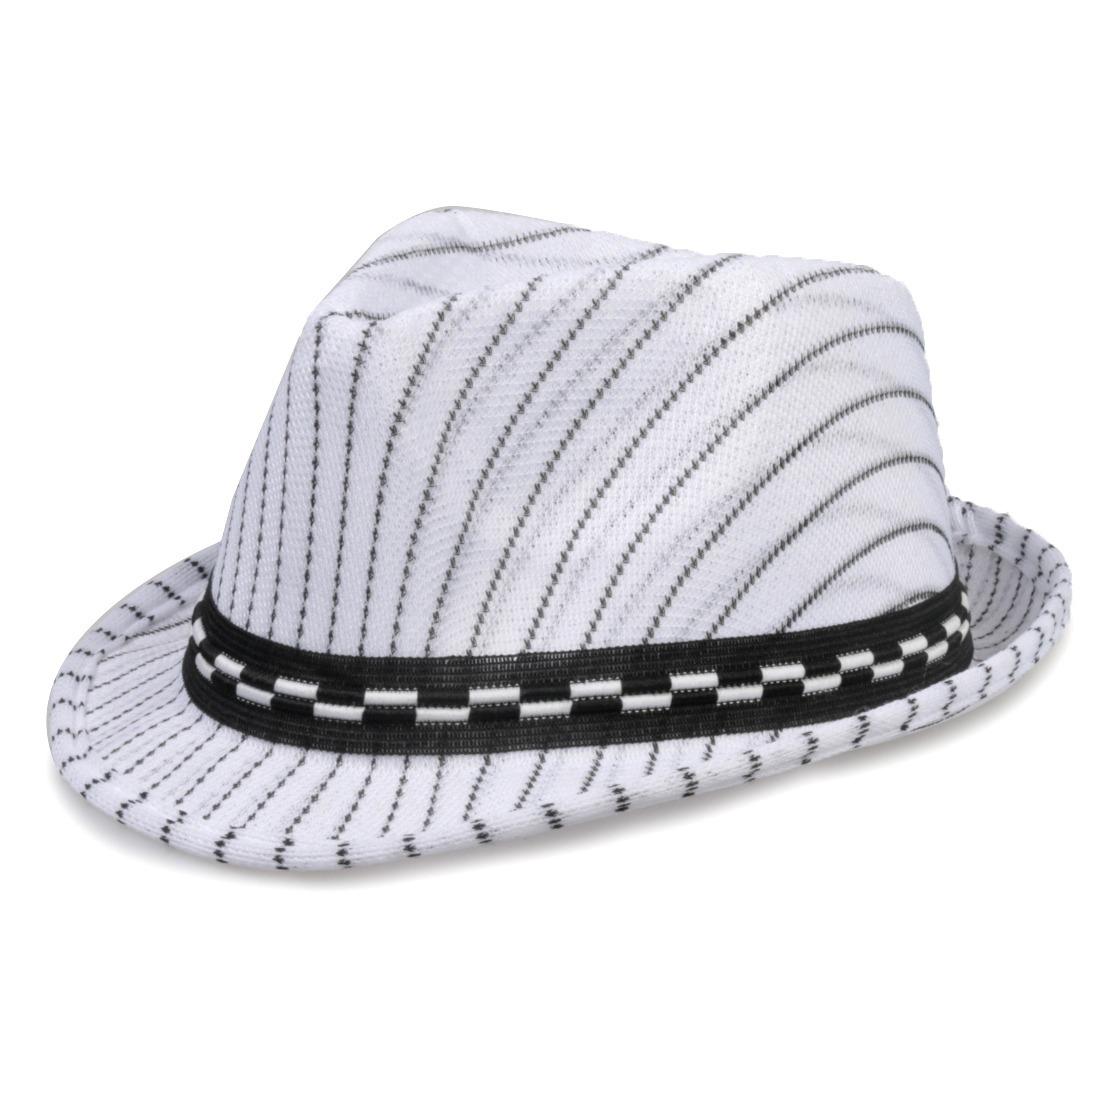 chapéu fedora aba curta infantil branco risca de giz criança. Carregando  zoom. 842efd89e53